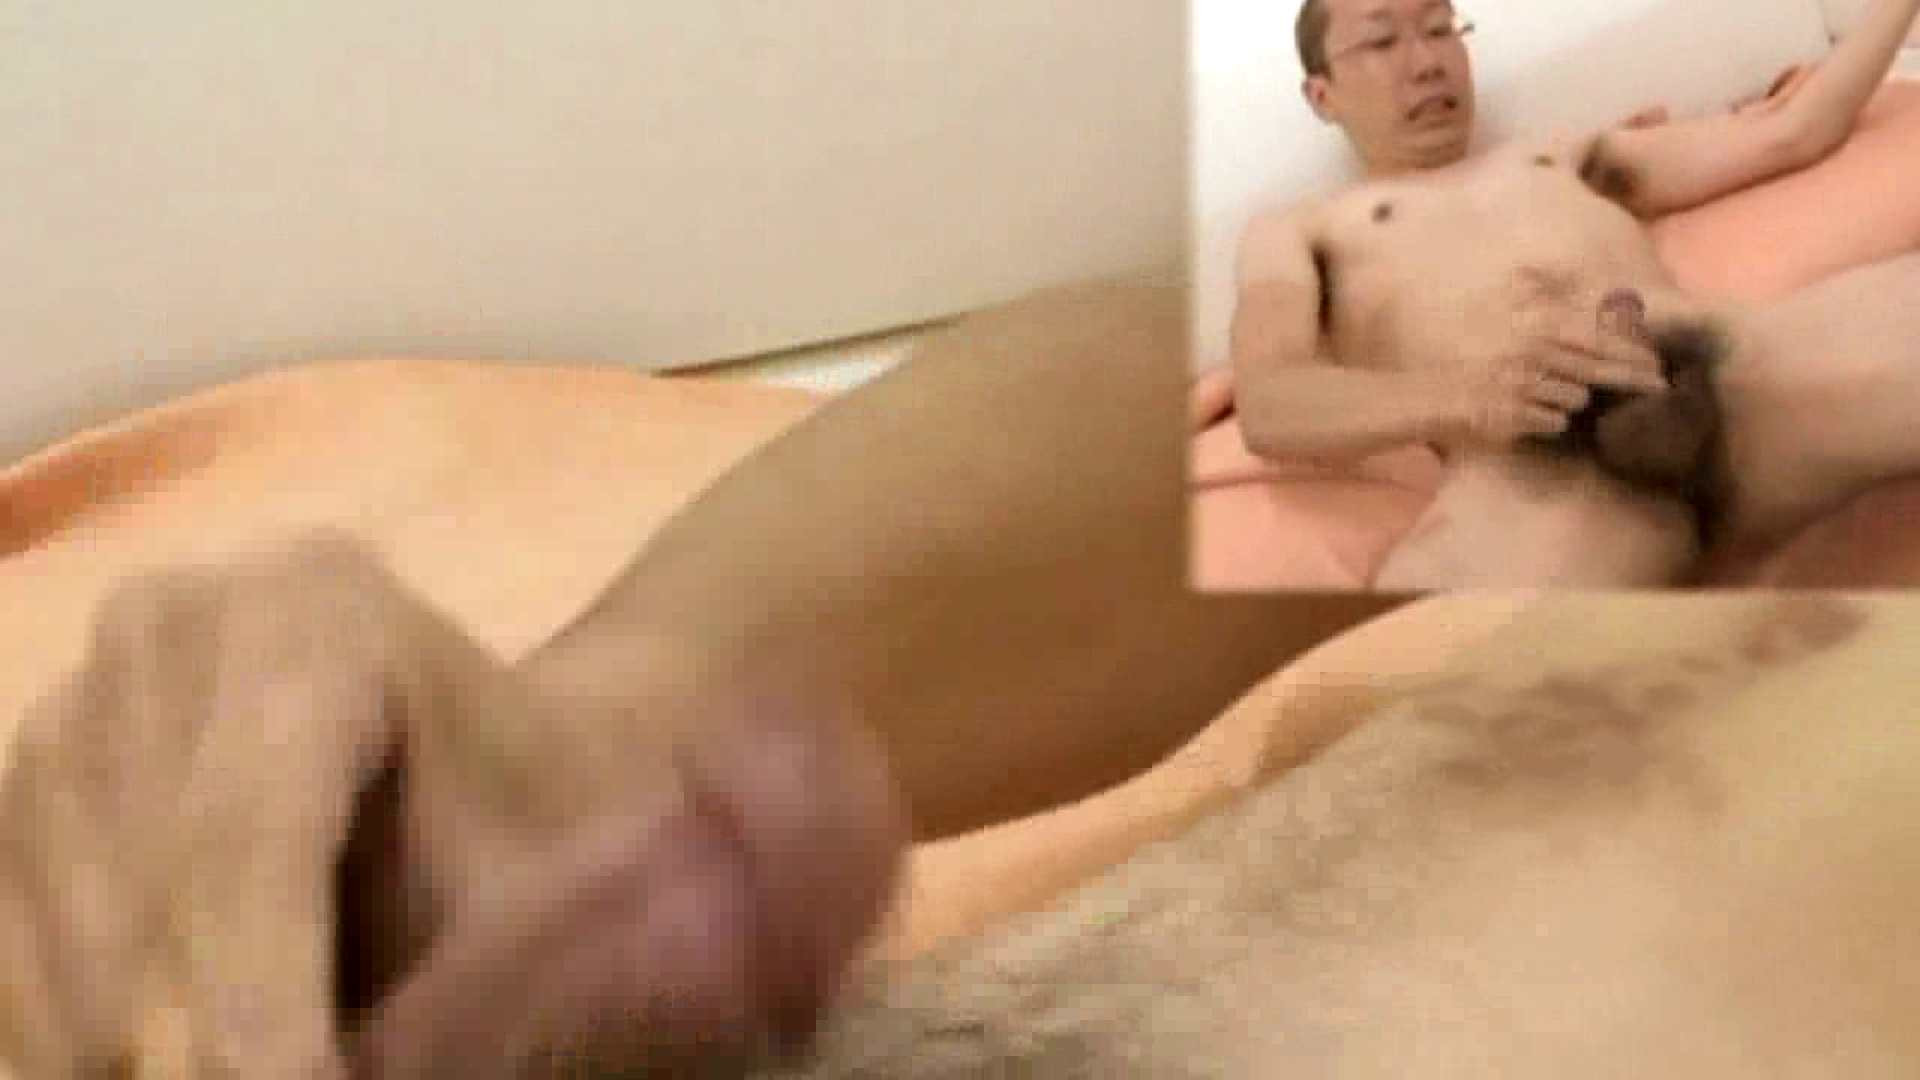 ノンケ!自慰スタジオ No.01 手コキ AV動画 96pic 9